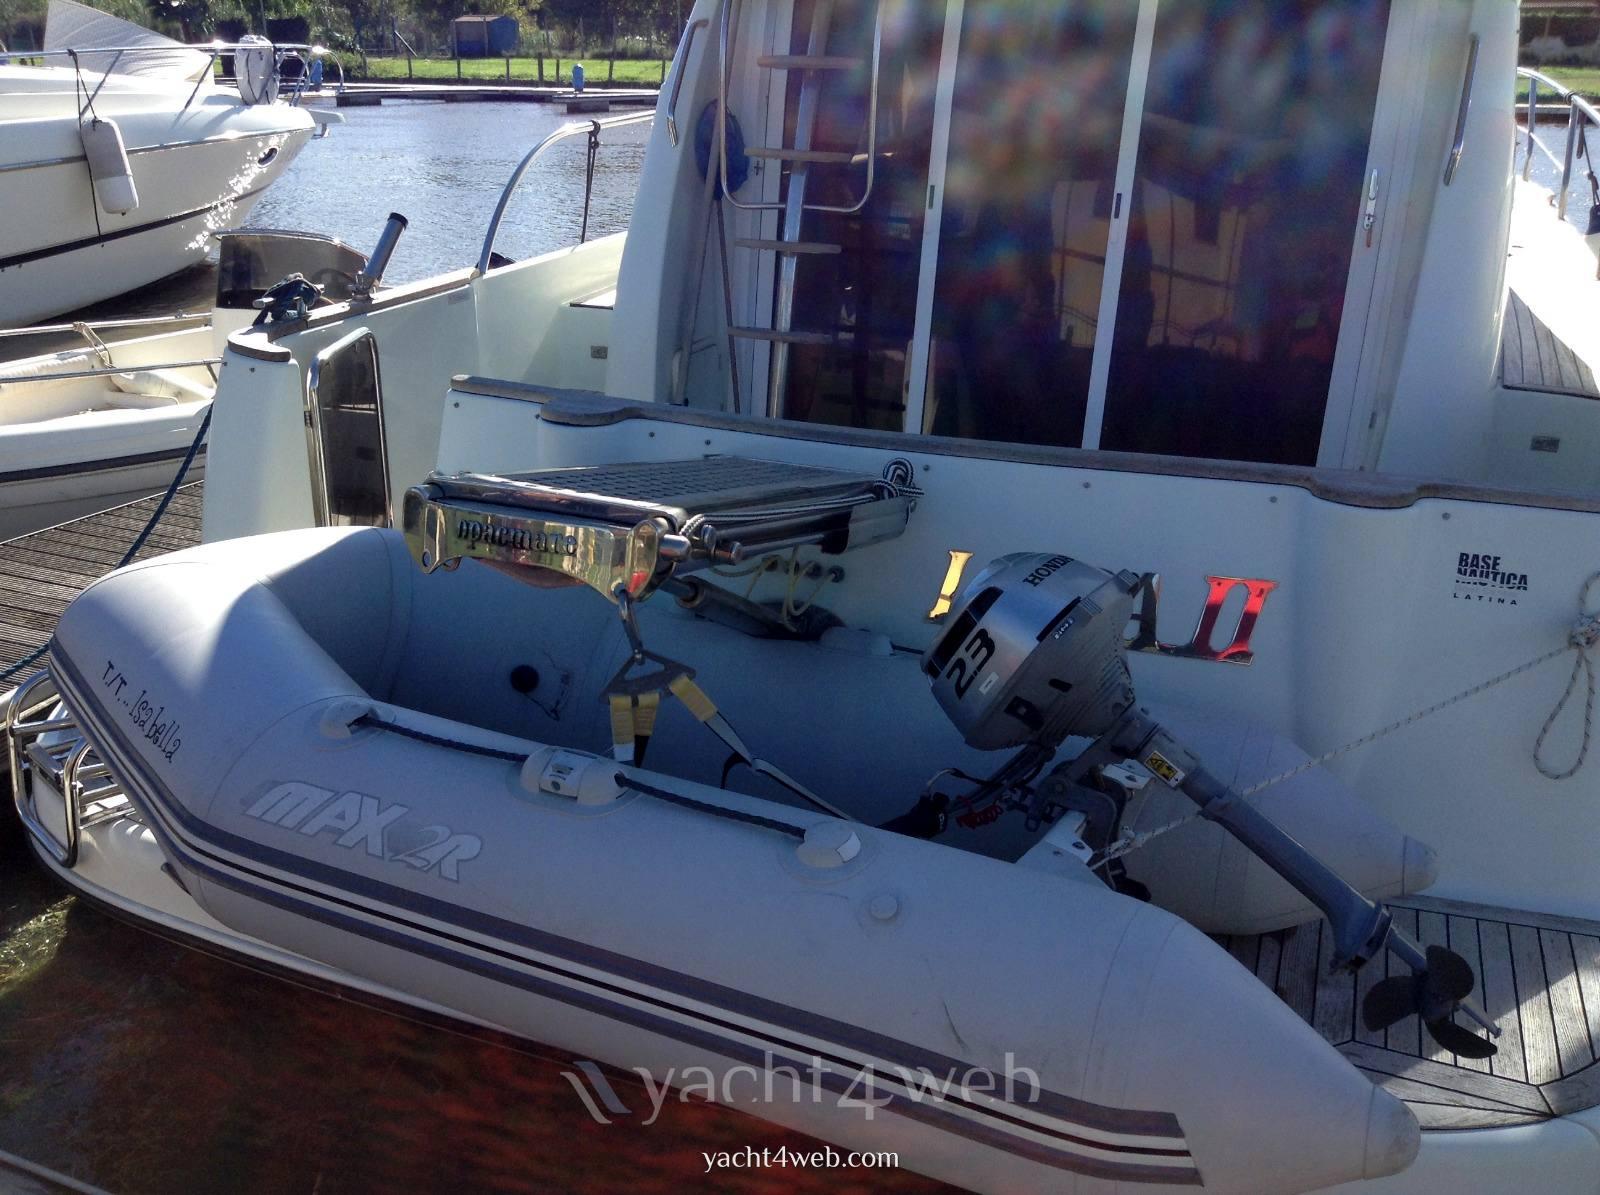 Starfisher 34 cruiser used